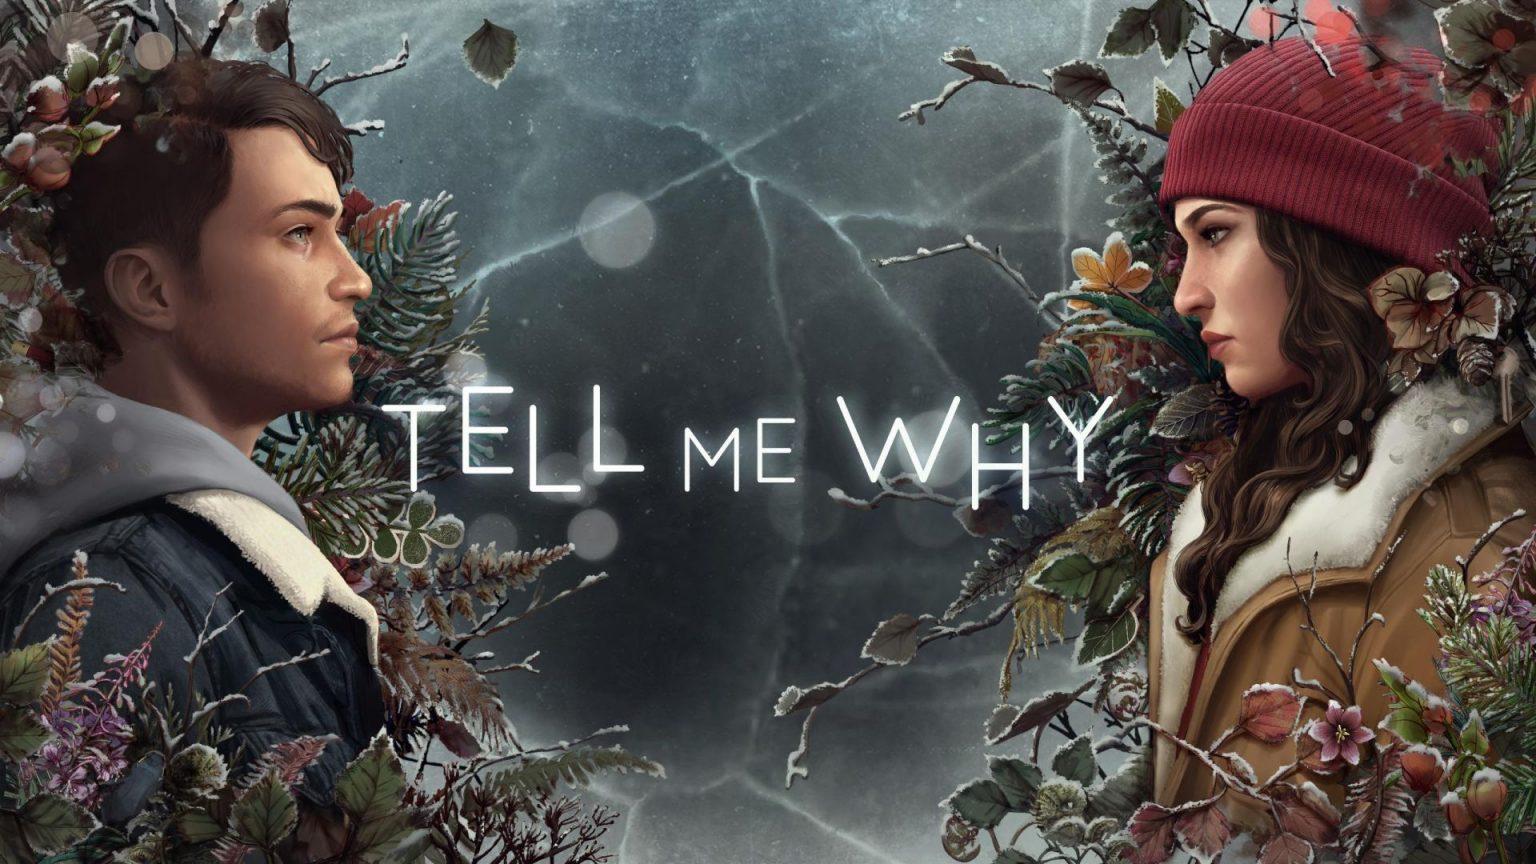 بازی Tell Me Why این ماه بر روی Xbox و Steam رایگان خواهد بود